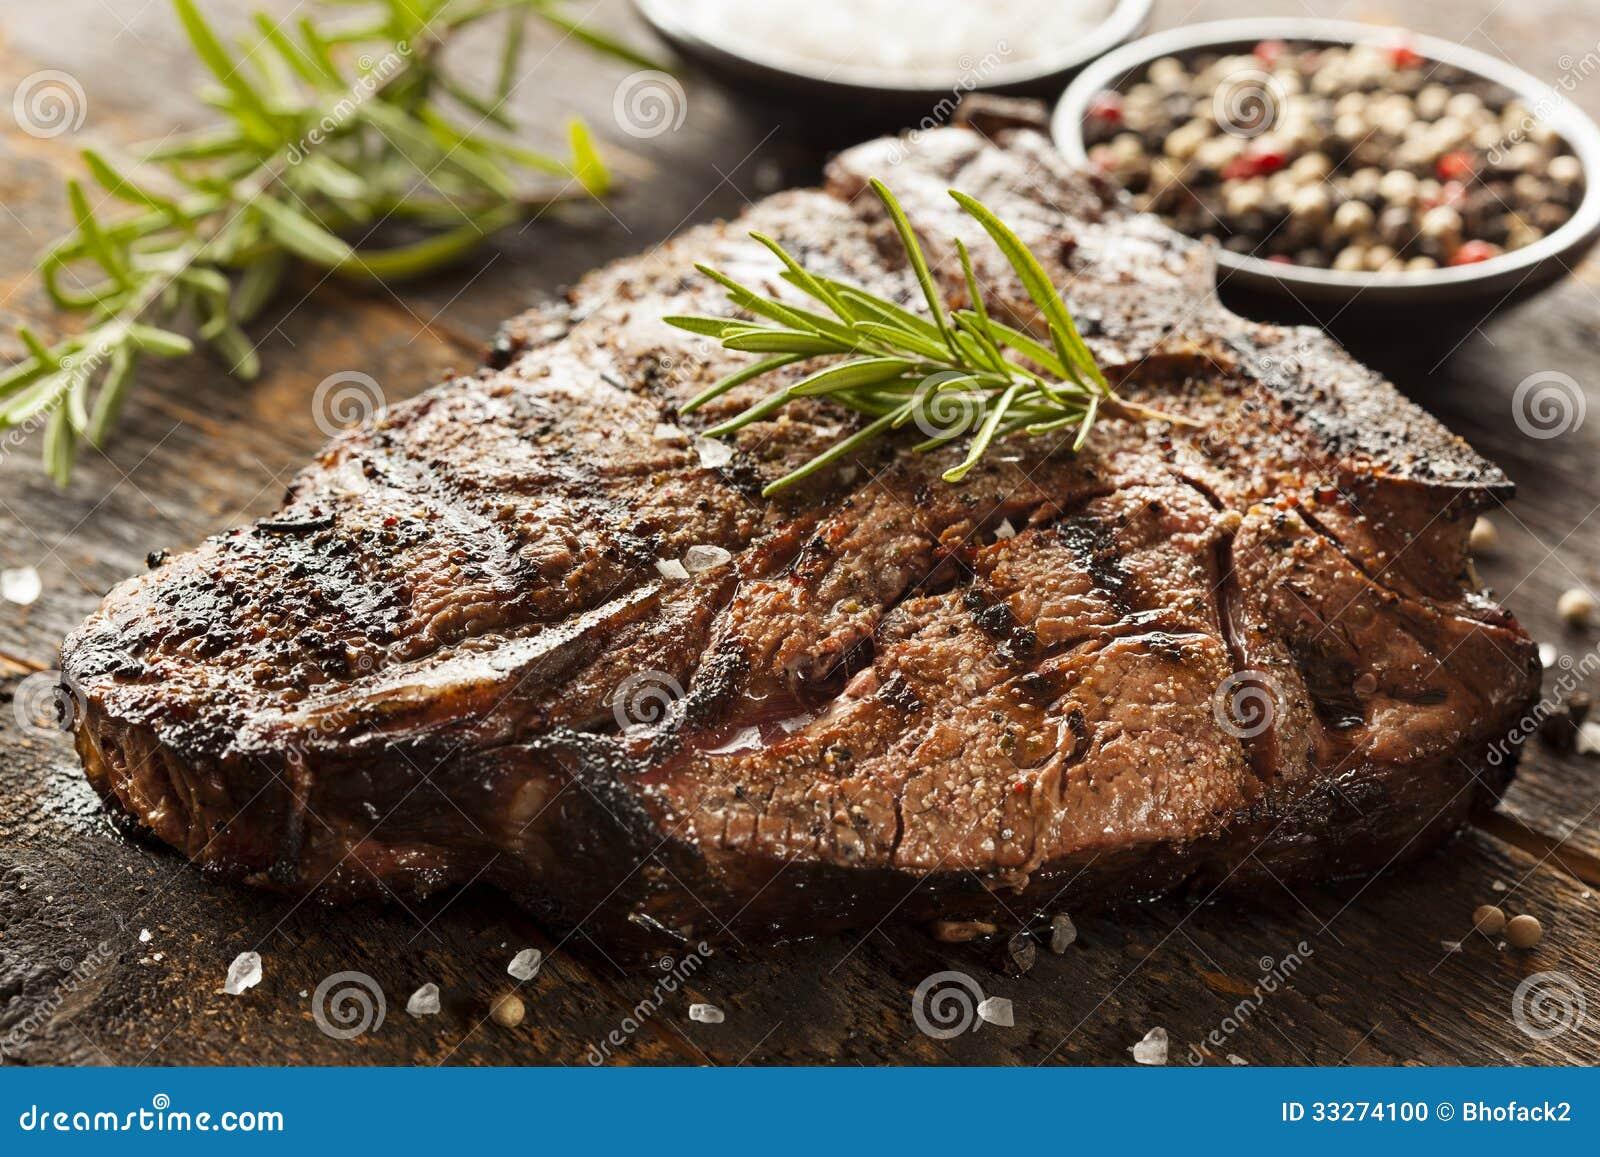 烤BBQ丁骨牛排